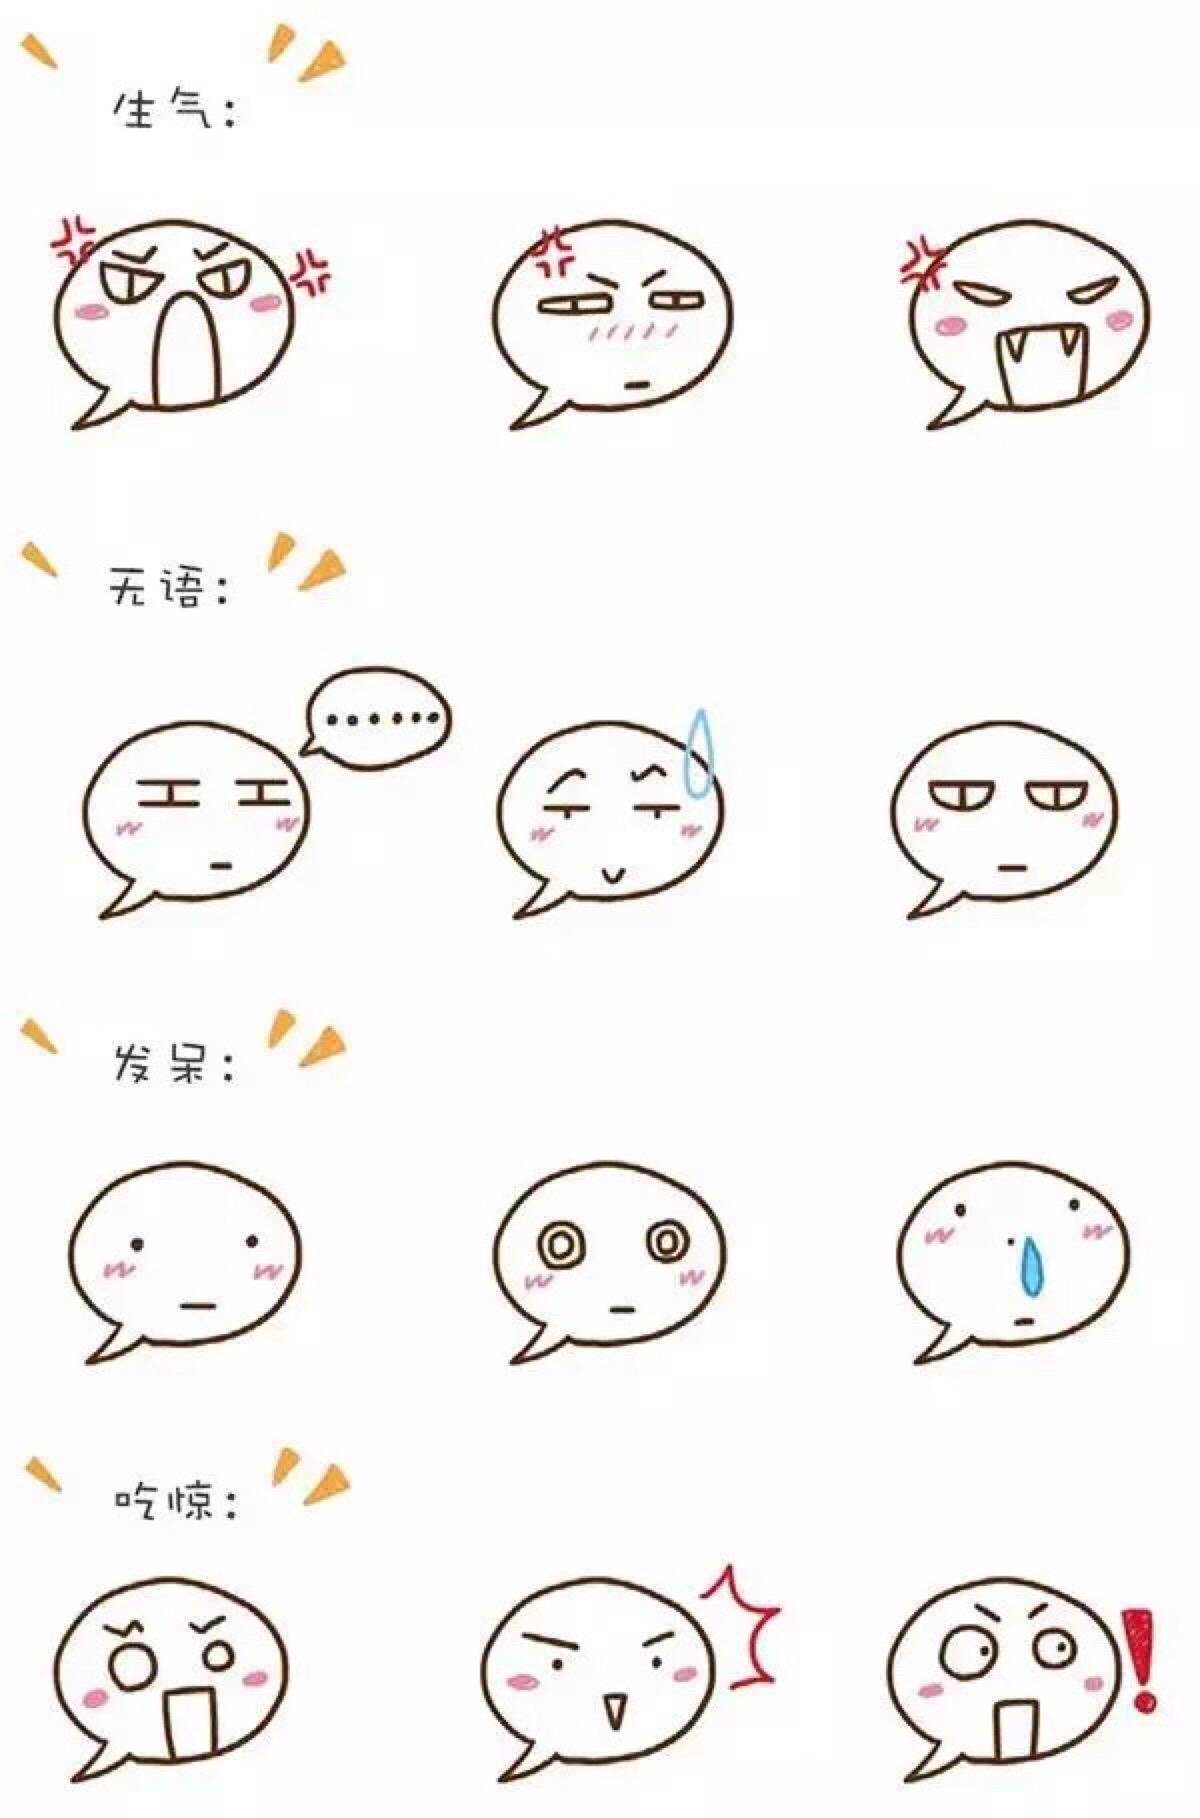 表情 生气 五语 发早 吃吃惊 表情